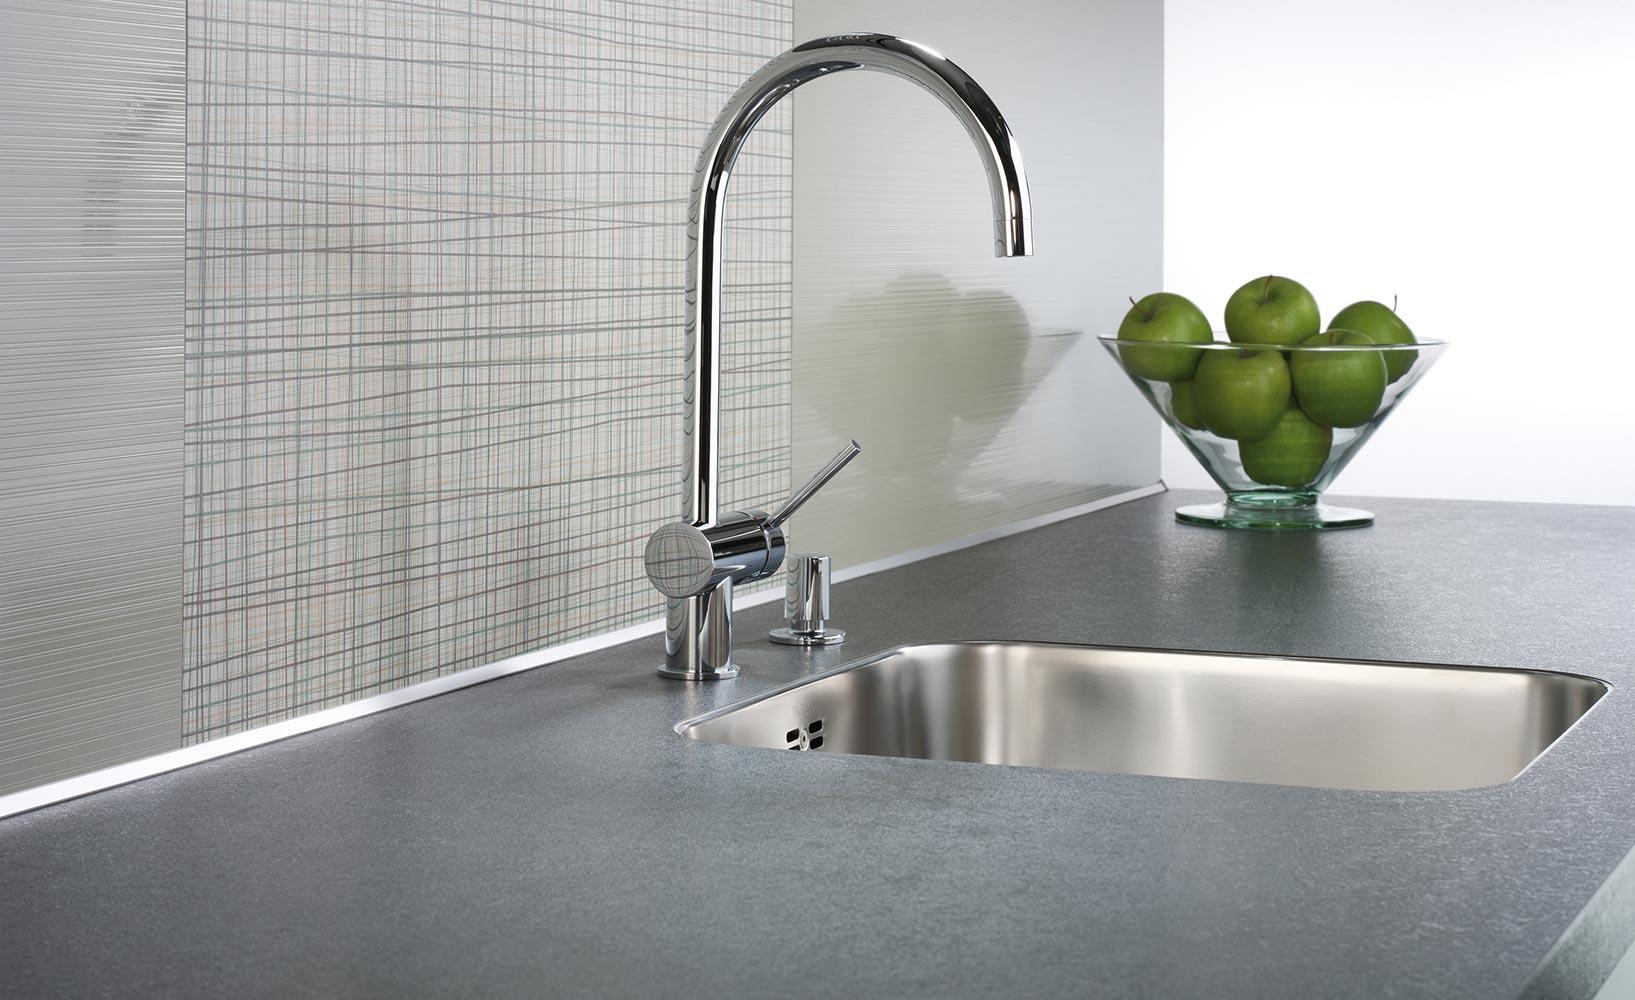 Kuche arbeitsplatten home design ideen for Arbeitsplatten für küche